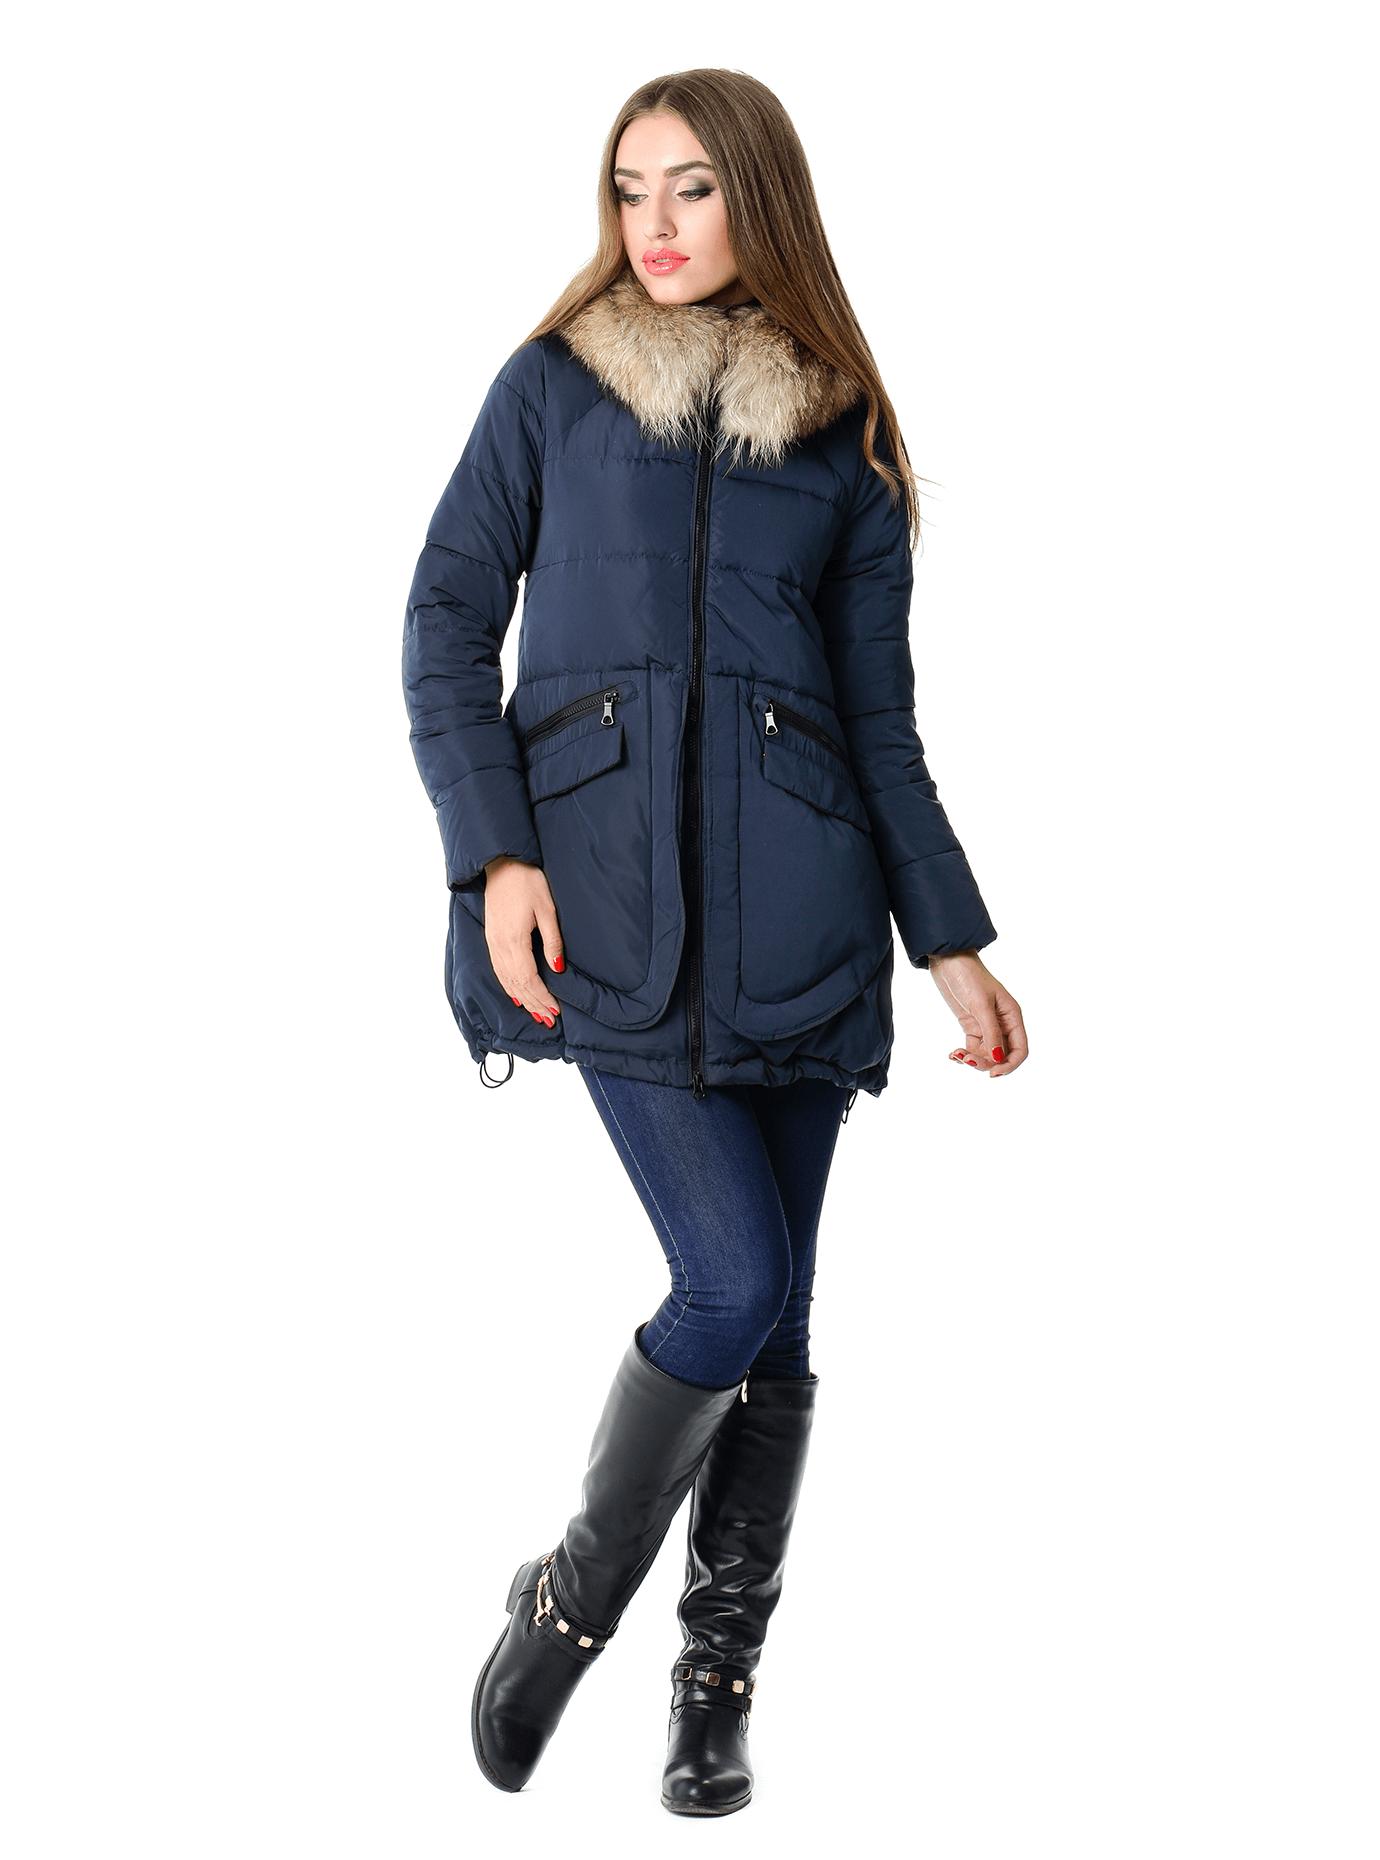 Пуховик женский на зиму Чёрный S (05-CH19105): фото - Alster.ua